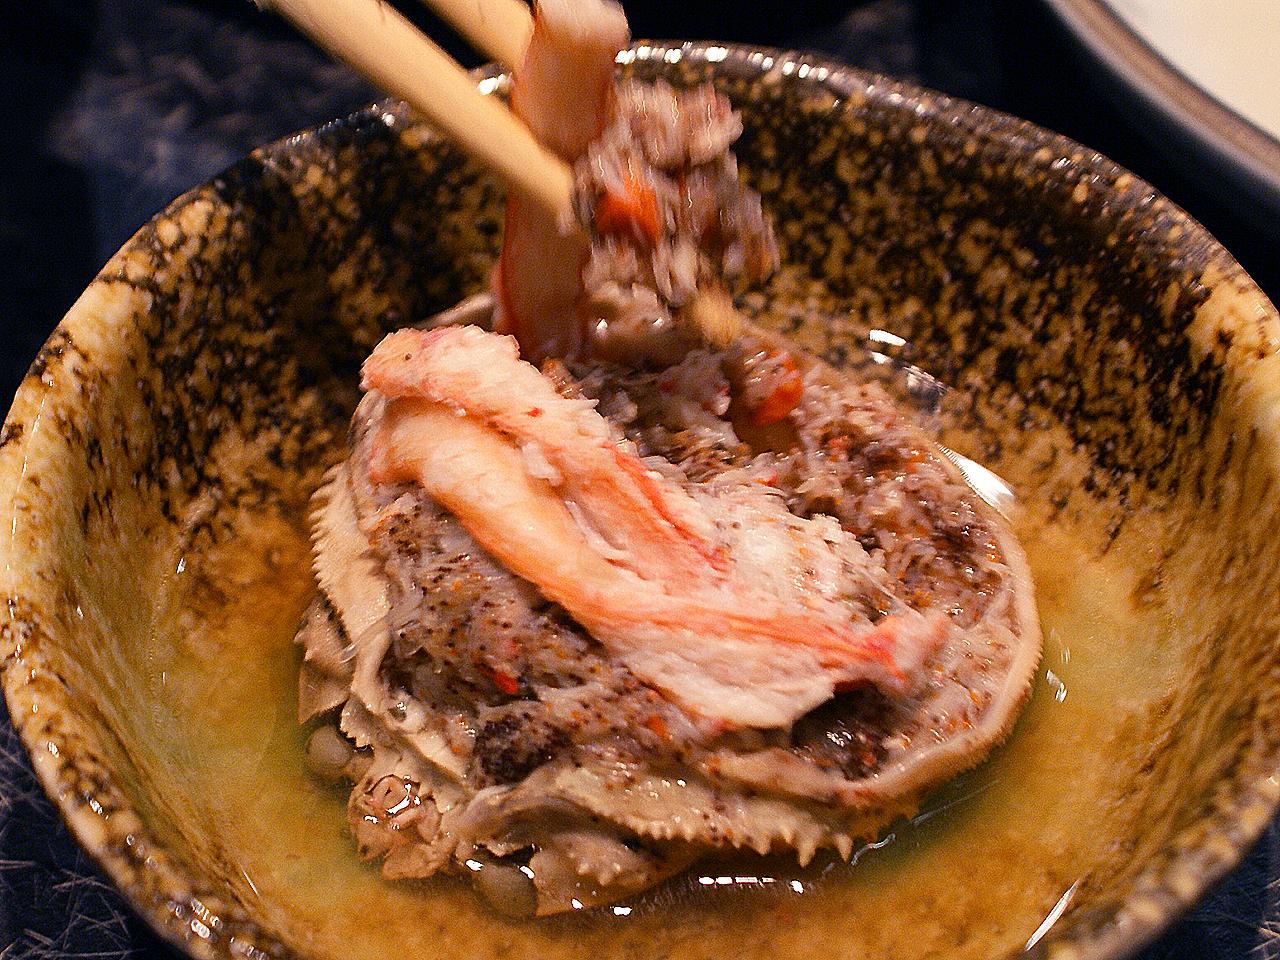 http://moritetsu.info/travel/img/DSC06107ssss.jpg